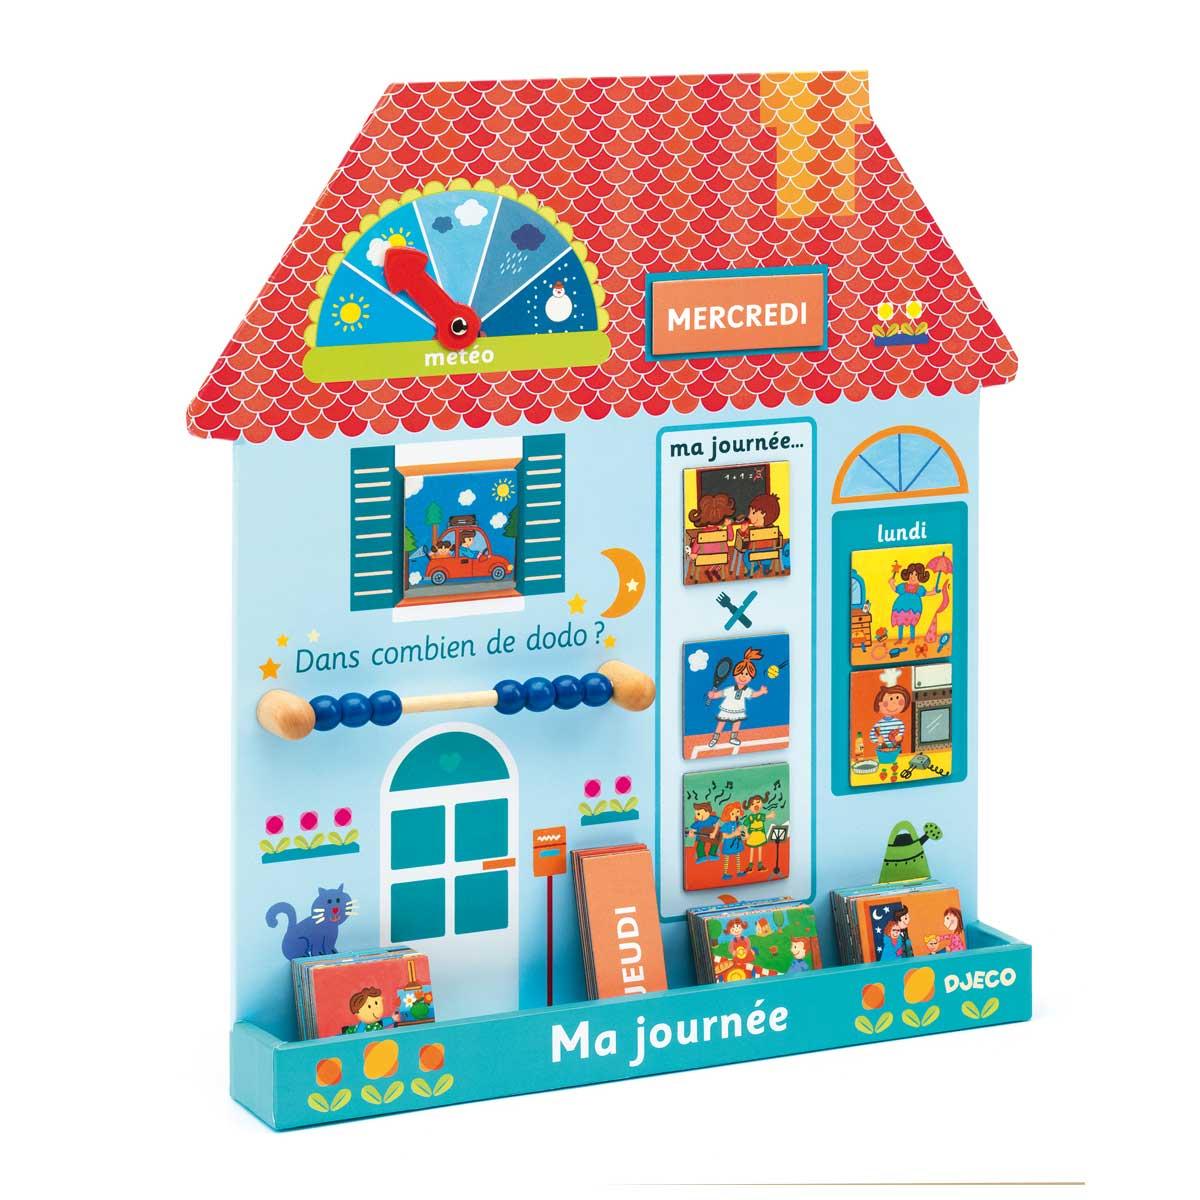 Tableau Magnétique Maison Ma Journée avec Jeux Pour Un Enfant De 3 Ans